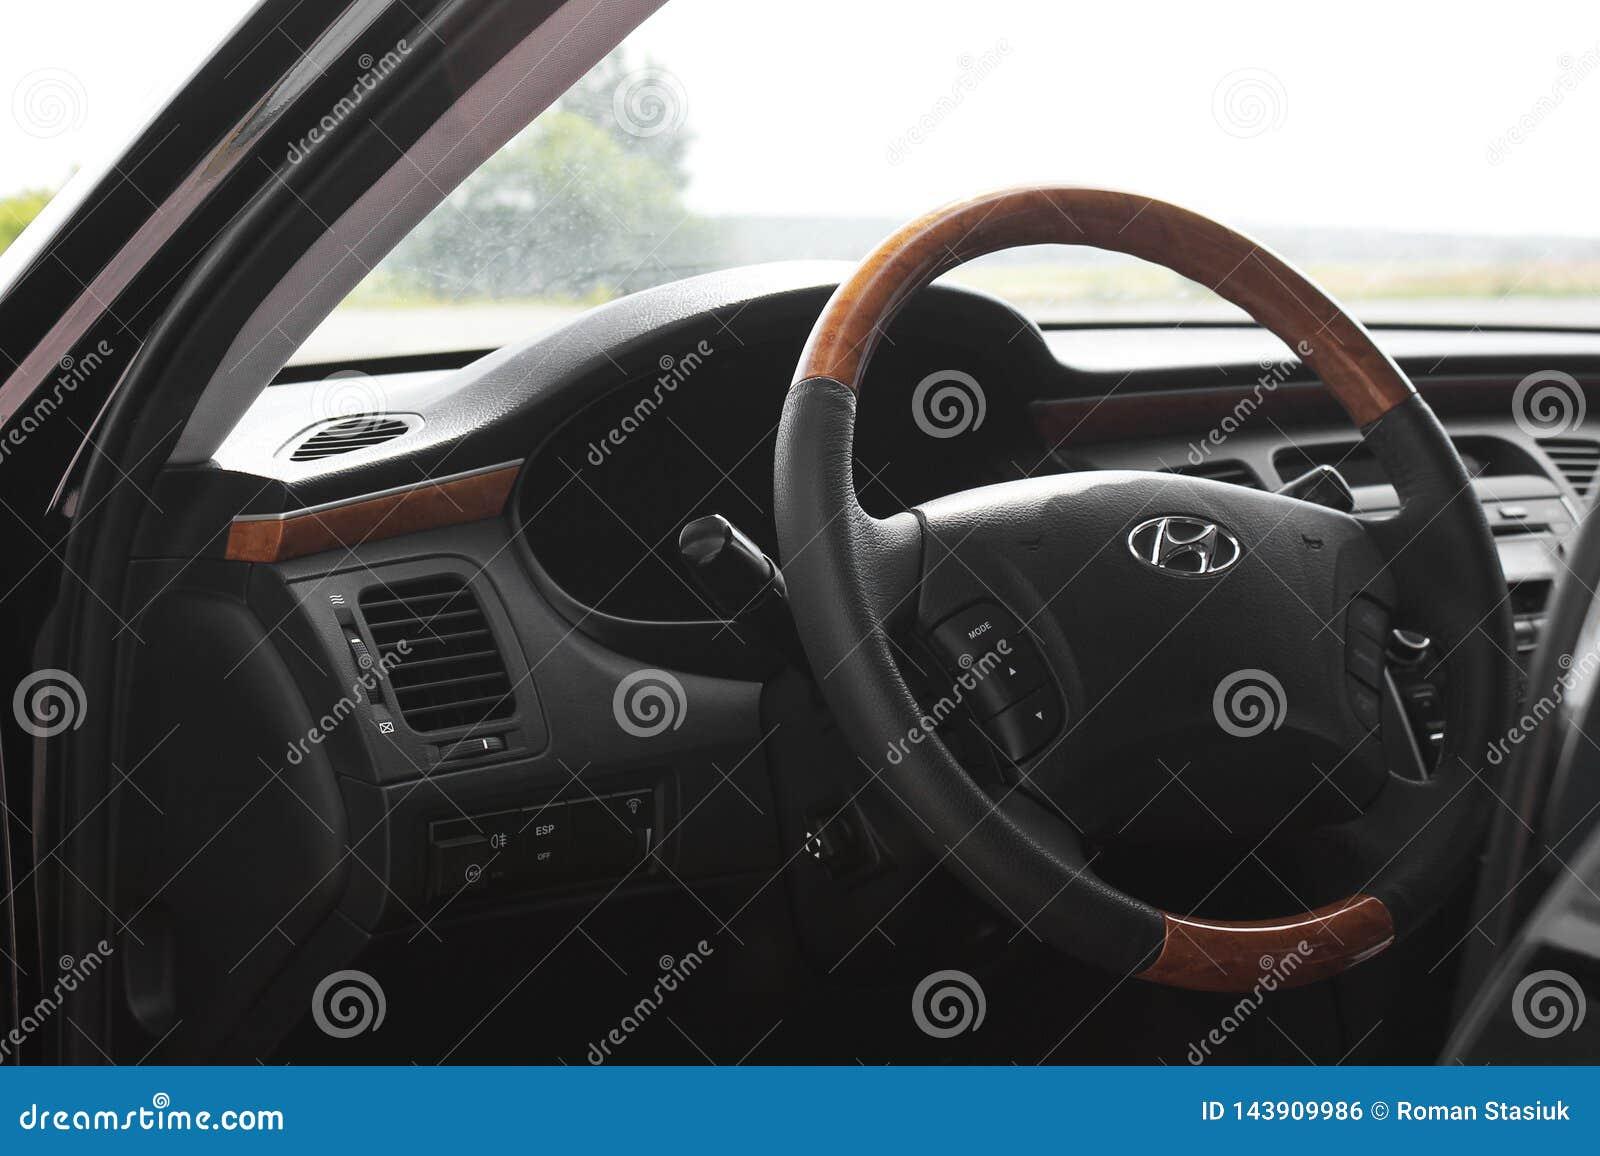 Κίεβο, Ουκρανία - 6 Αυγούστου 2018: Μεγαλείο της Hyundai Άποψη του εσωτερικού ενός σύγχρονου αυτοκινήτου που παρουσιάζει το ταμπλ